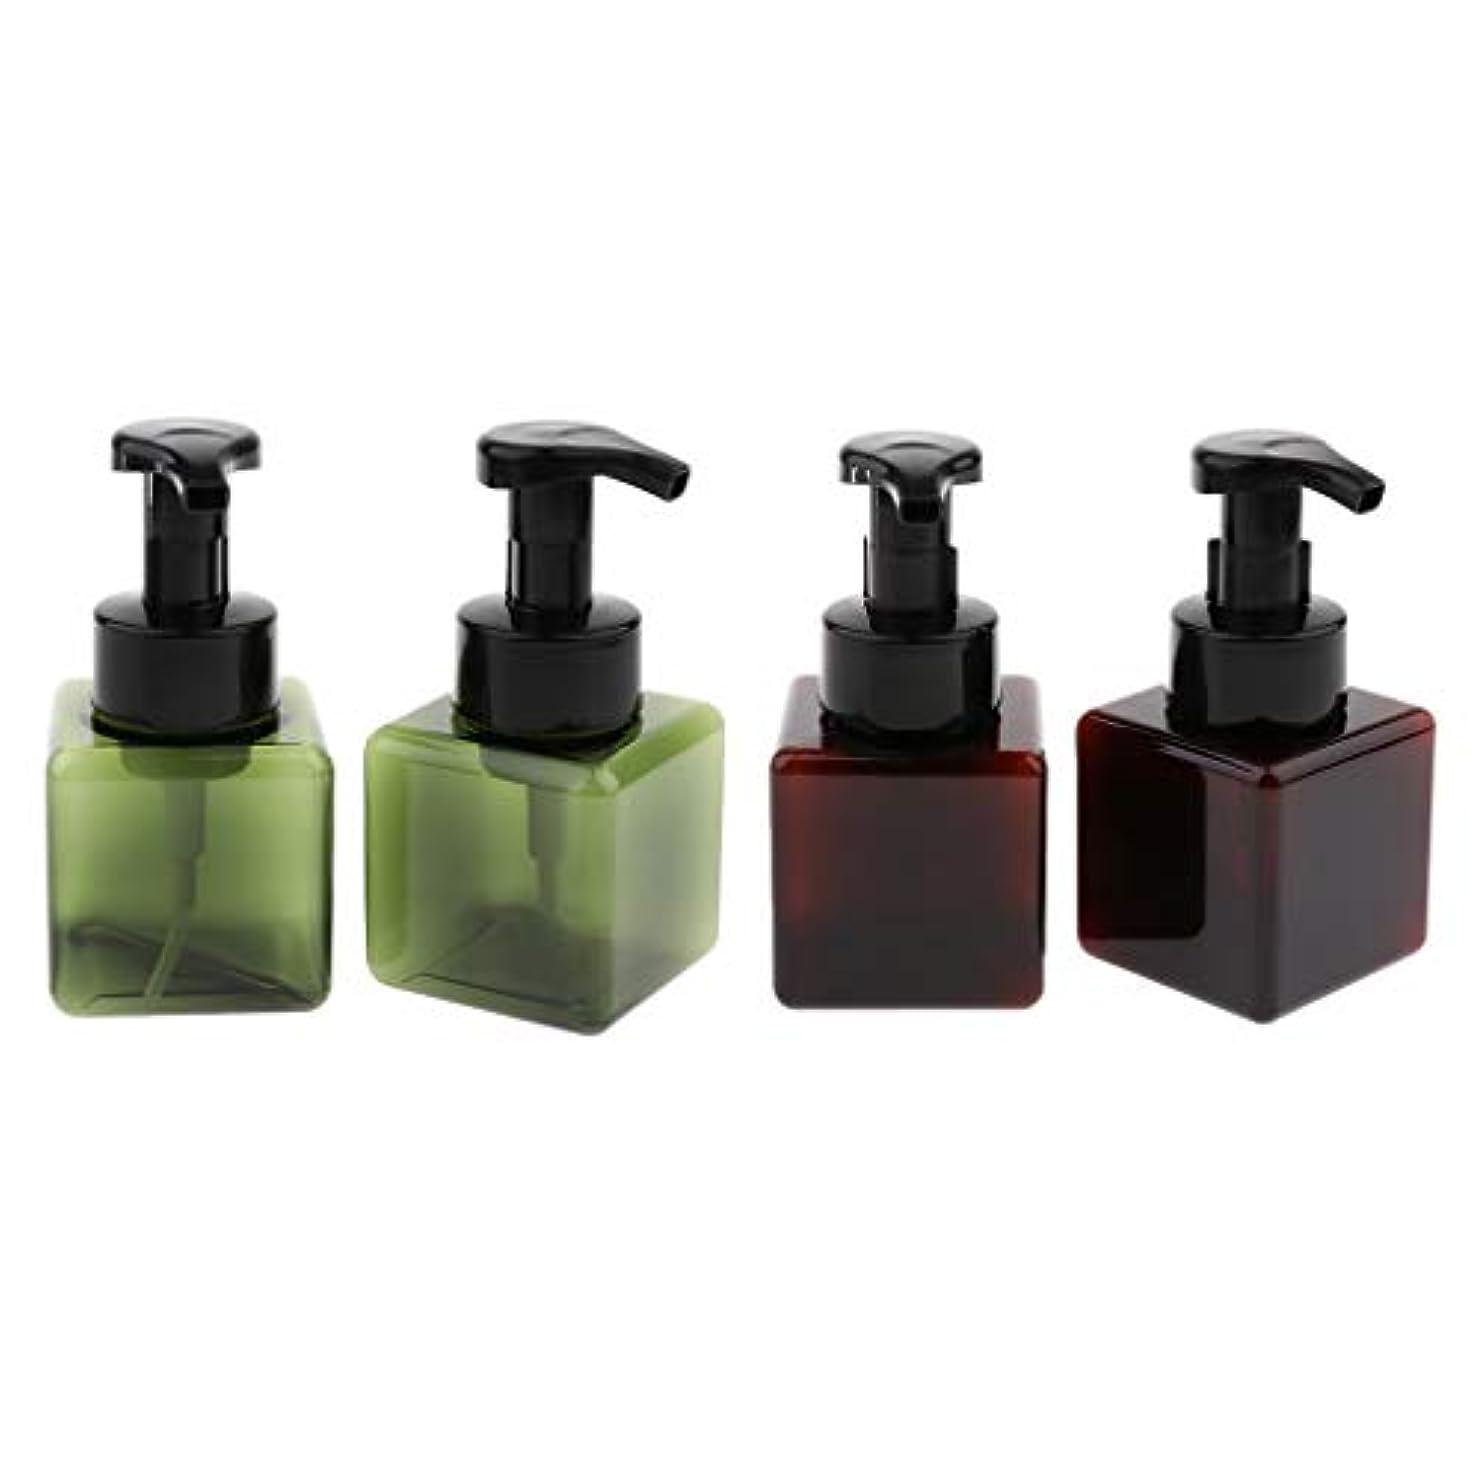 幾何学ニックネーム古代小分けボトル 泡ポンプボトル 詰め替え容器 ディスペンサー スクエア 再利用可 250ml 4個 全5色 - ダークグリーン+ブラウン